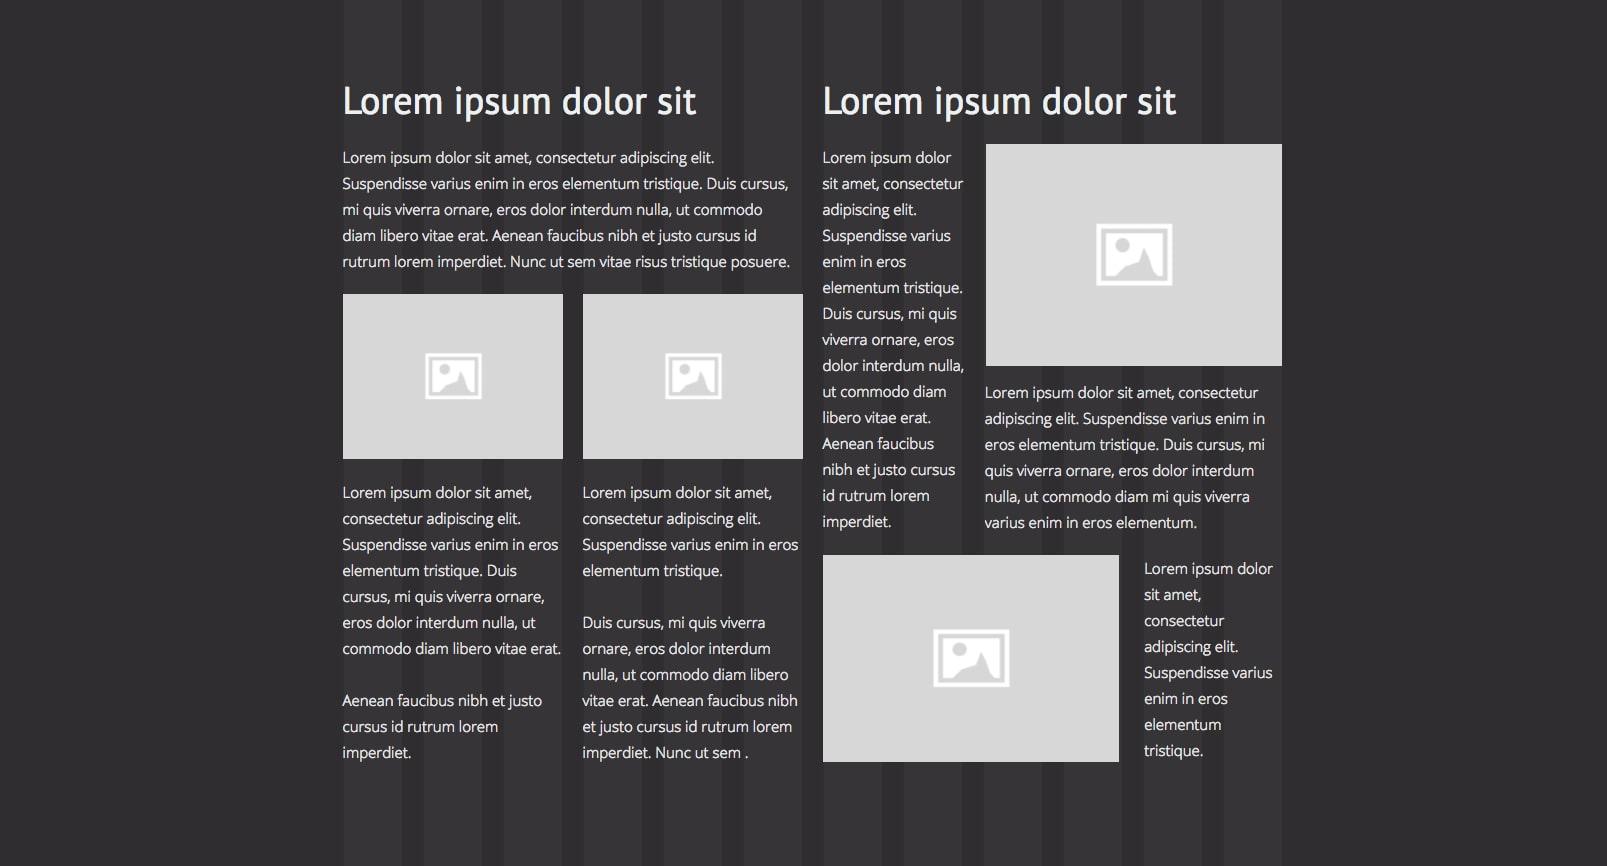 Grid-based layout